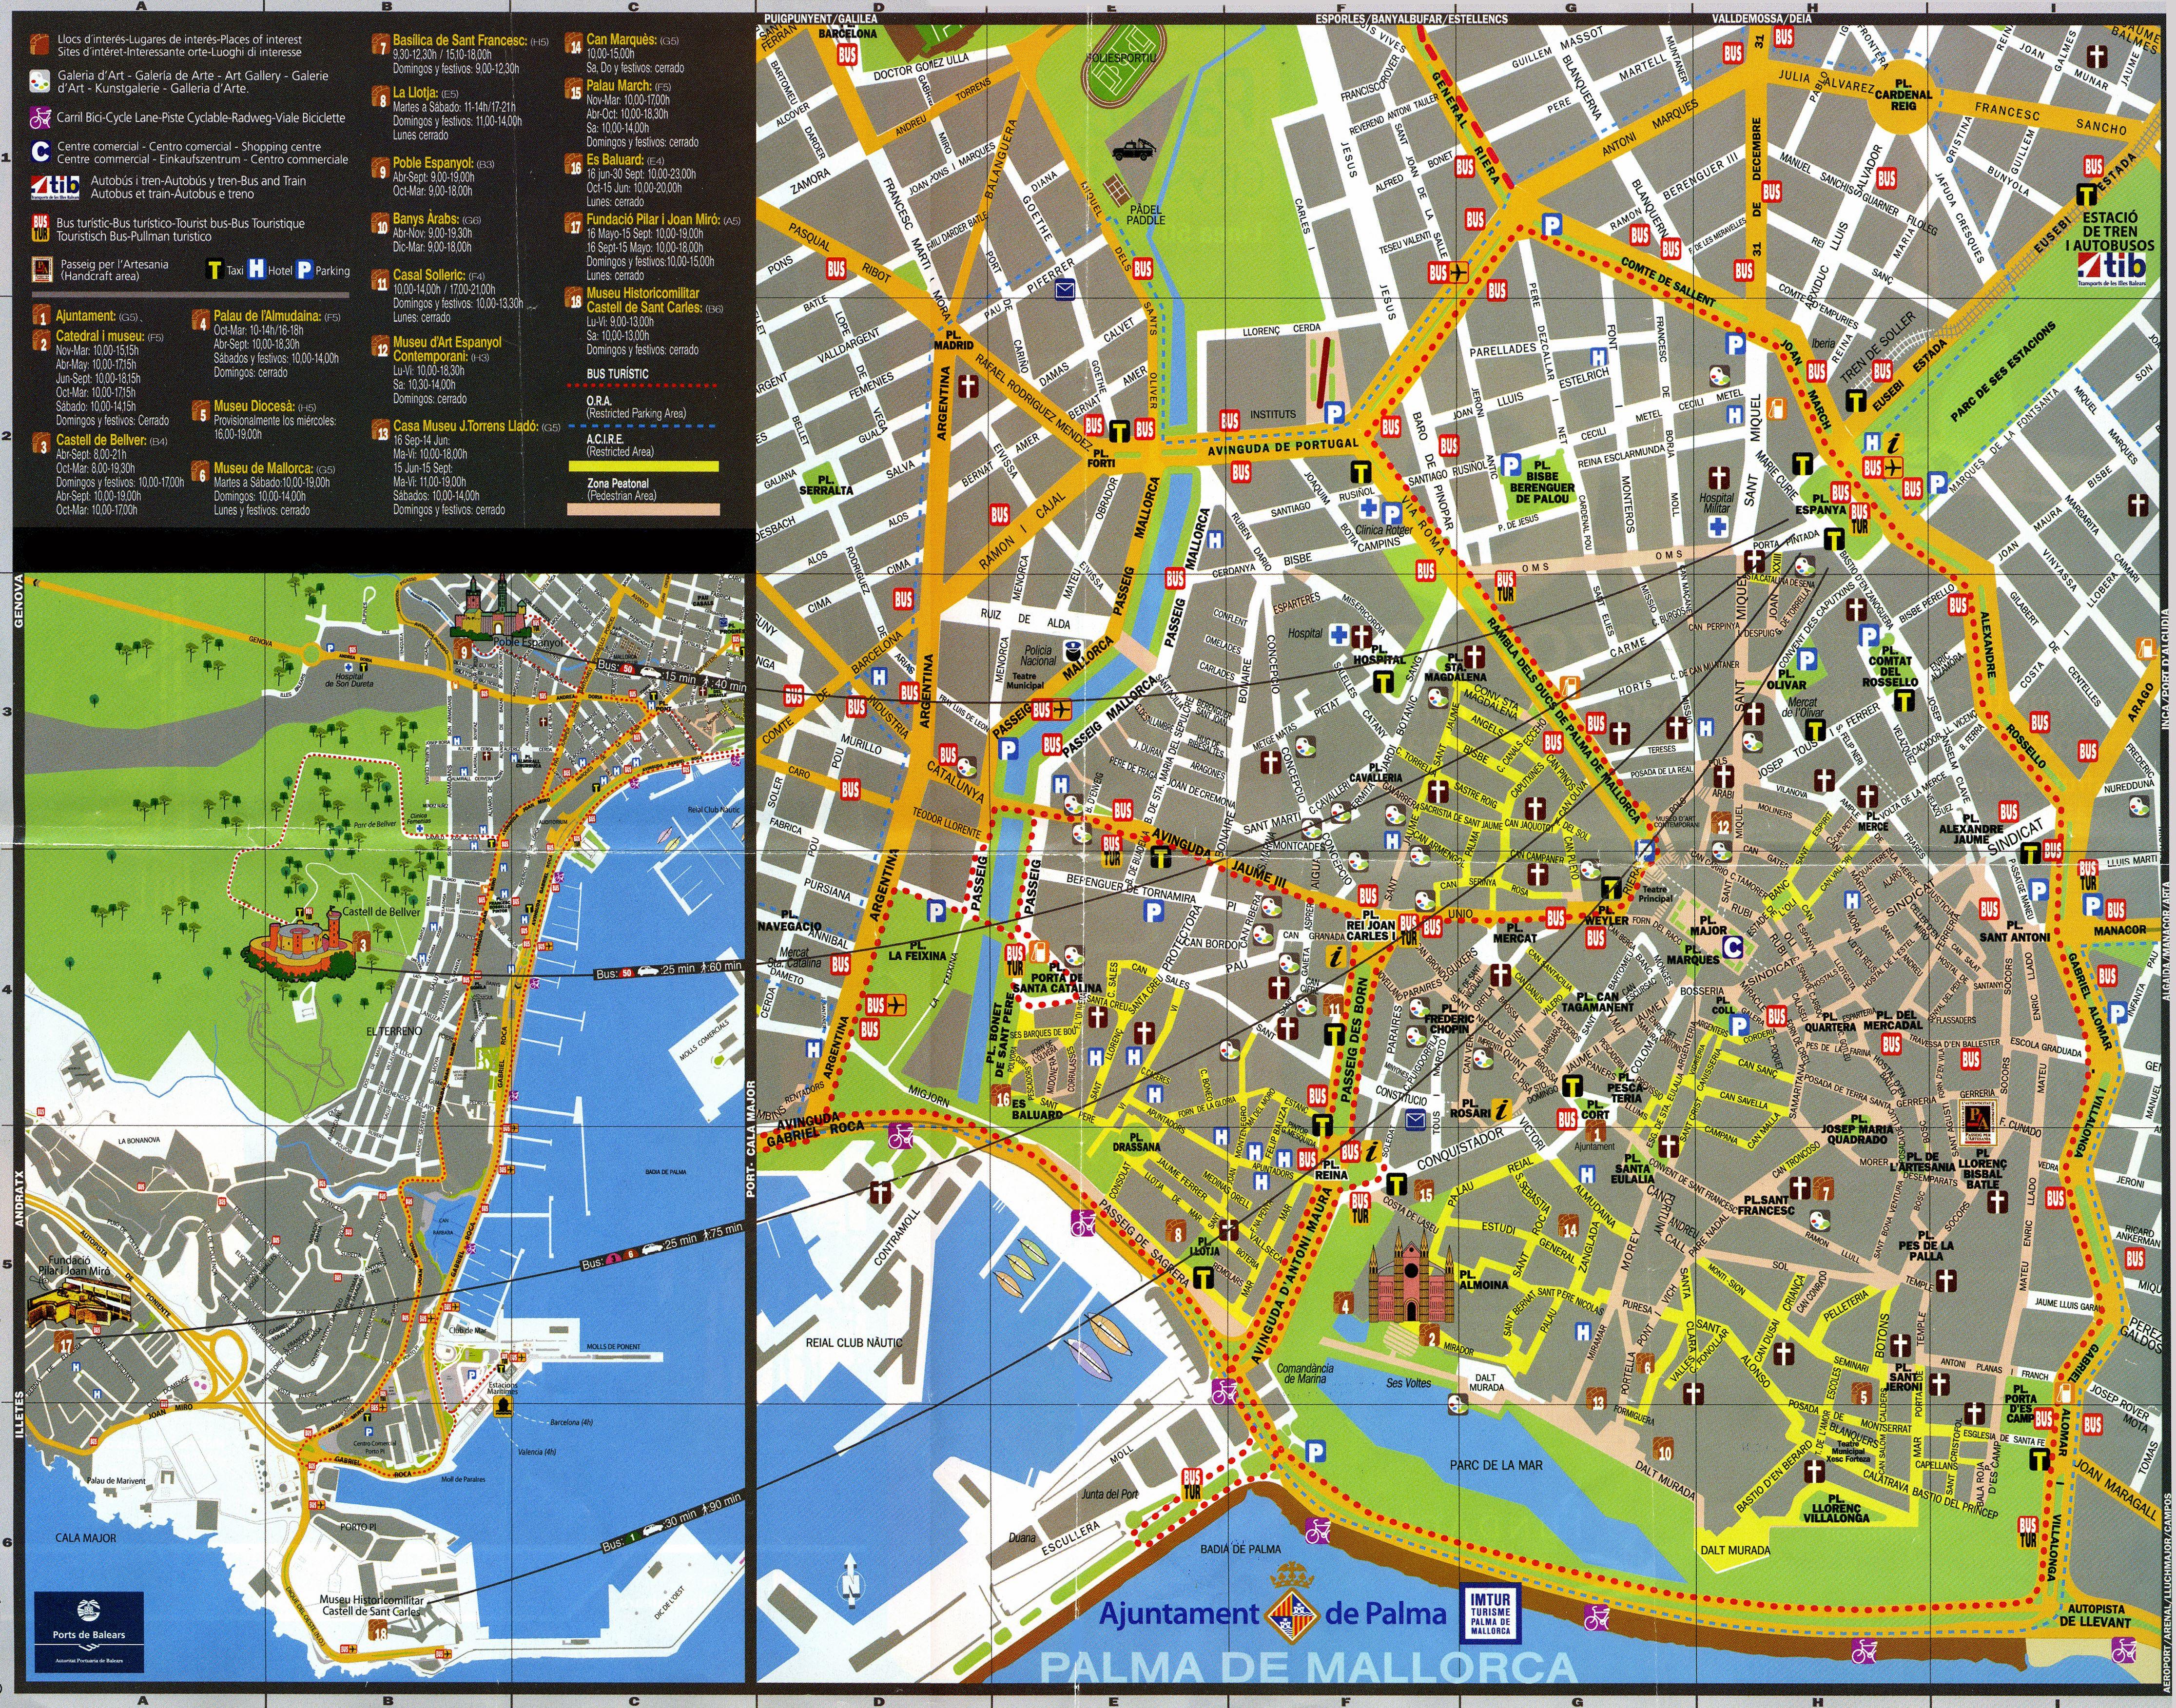 ver mapa de palma de maiorca Mapas Detallados de Palma de Mallorca para Descargar Gratis e Imprimir ver mapa de palma de maiorca